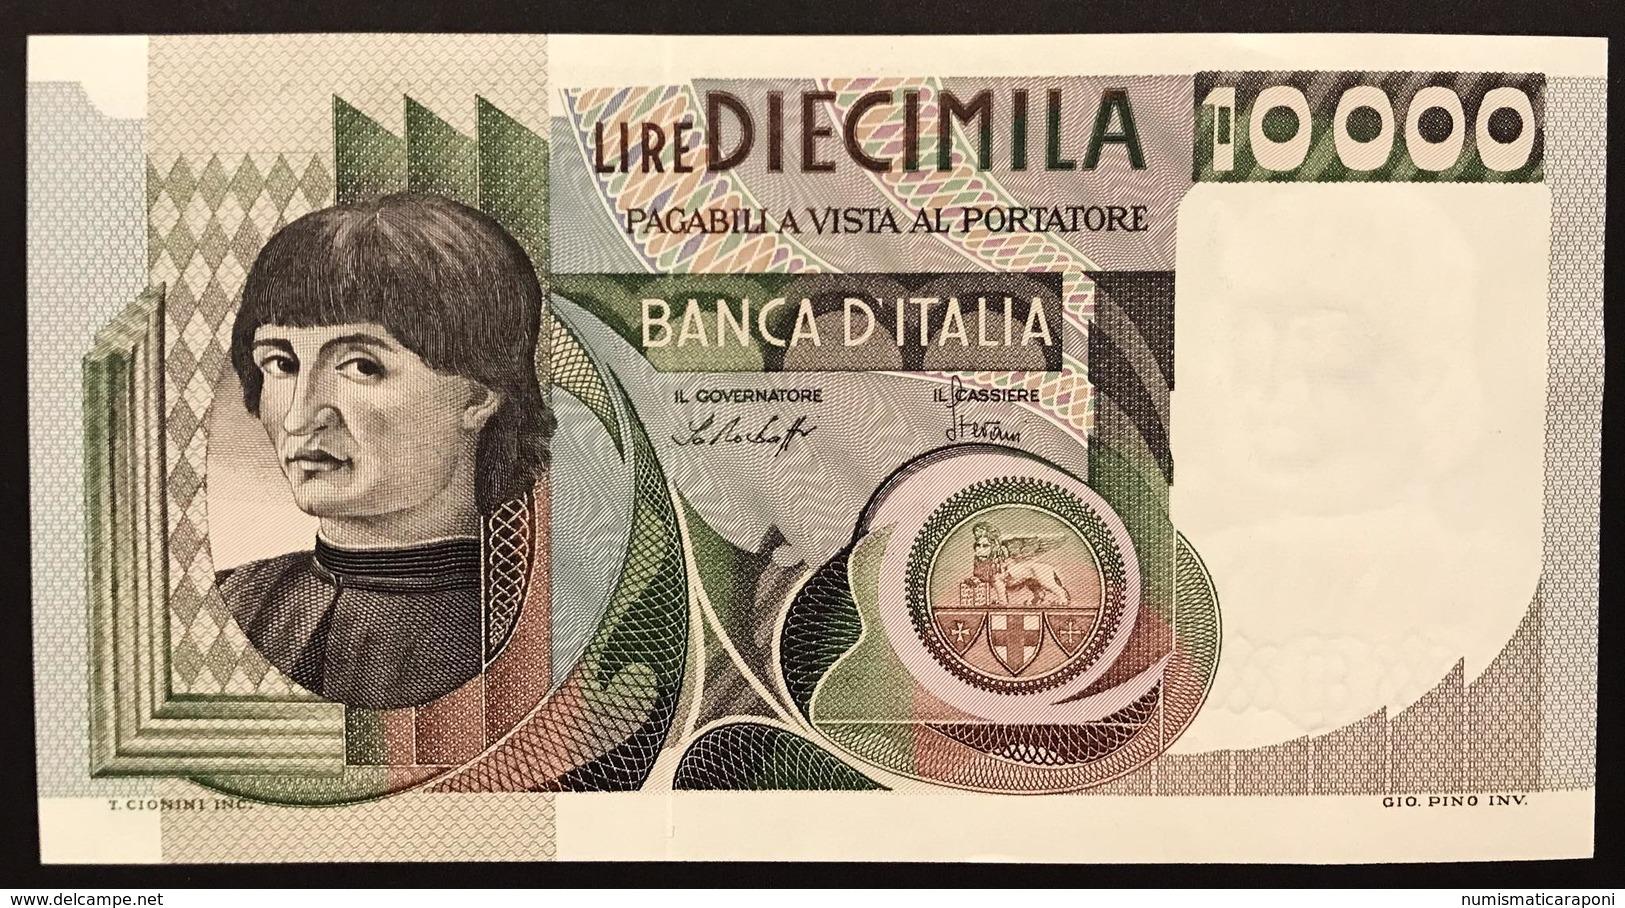 10000 LIRE DEL CASTAGNO 30 10 1976 SUP/FDS + 10000 LIRE DEL CASTAGNO 06 09 1980 SUP/FDS LOTTO 1472 - [ 2] 1946-… : Républic